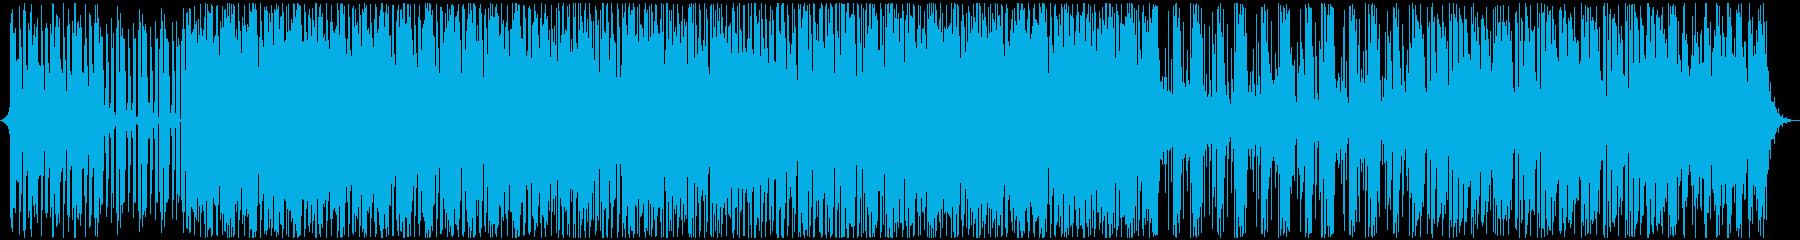 ポップ テクノ 代替案 実験的な ...の再生済みの波形